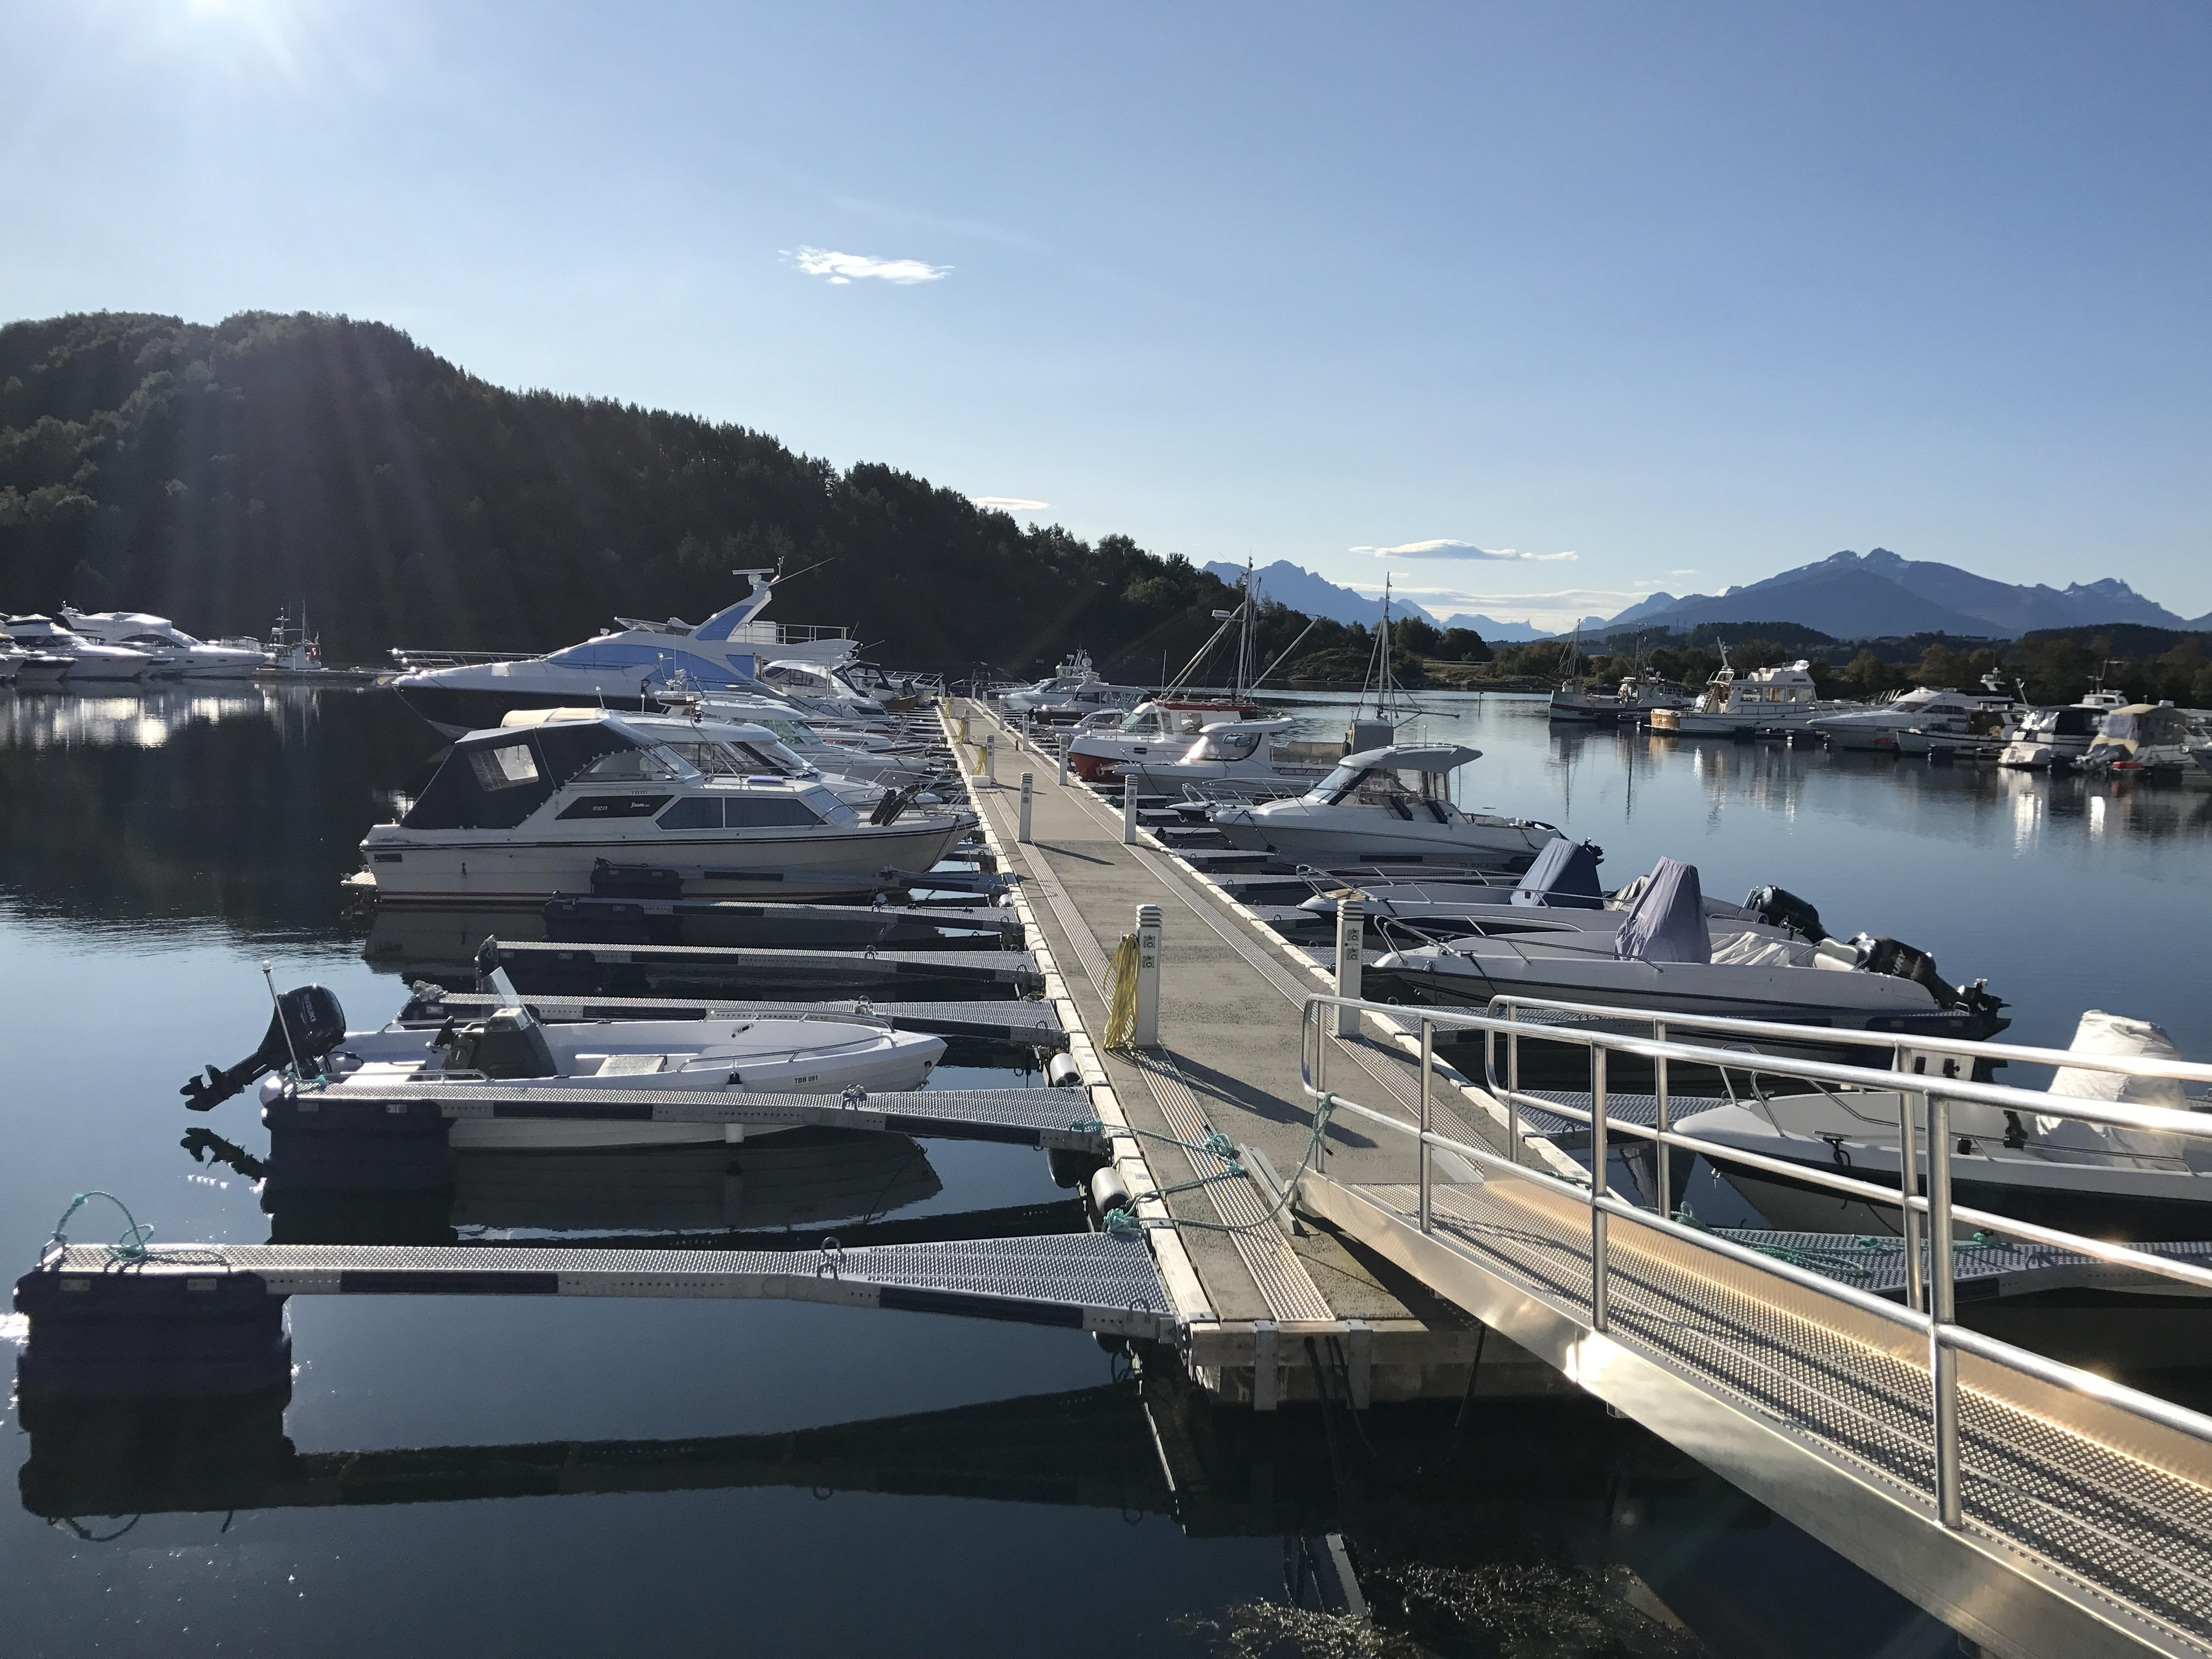 https://marinasolutions.no/uploads/Hovlia-Marina-Ellingsøy.JPG